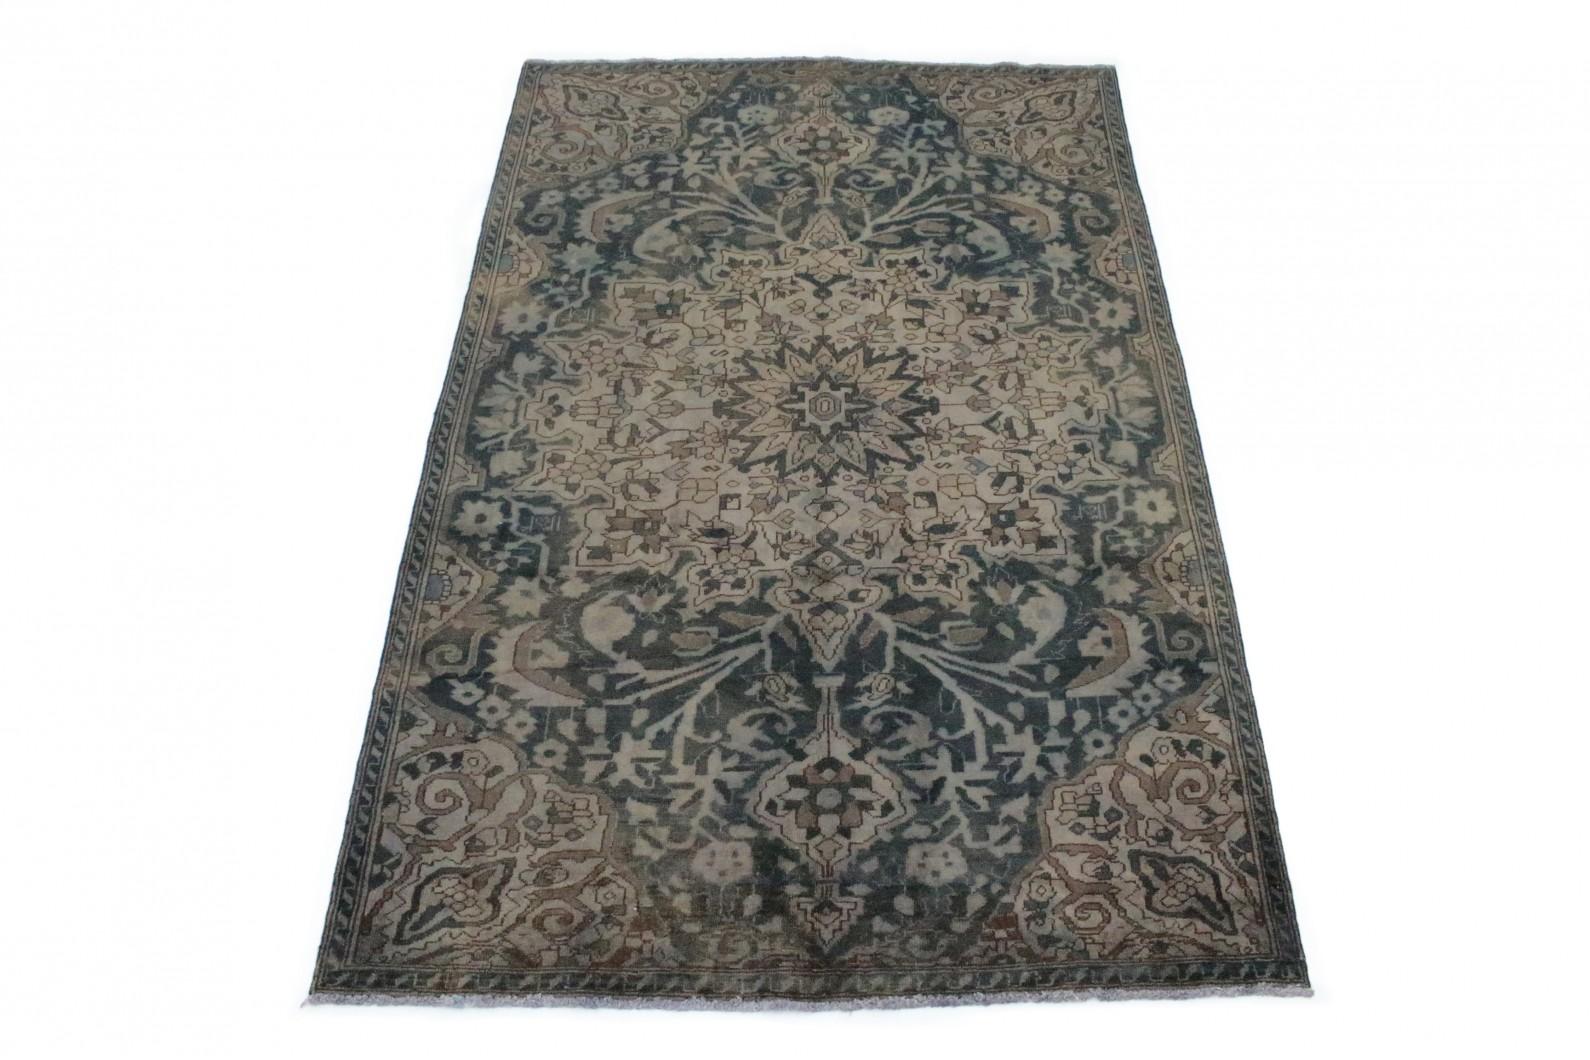 vintage teppich blau beige in 280x180 1001 167046 bei kaufen. Black Bedroom Furniture Sets. Home Design Ideas